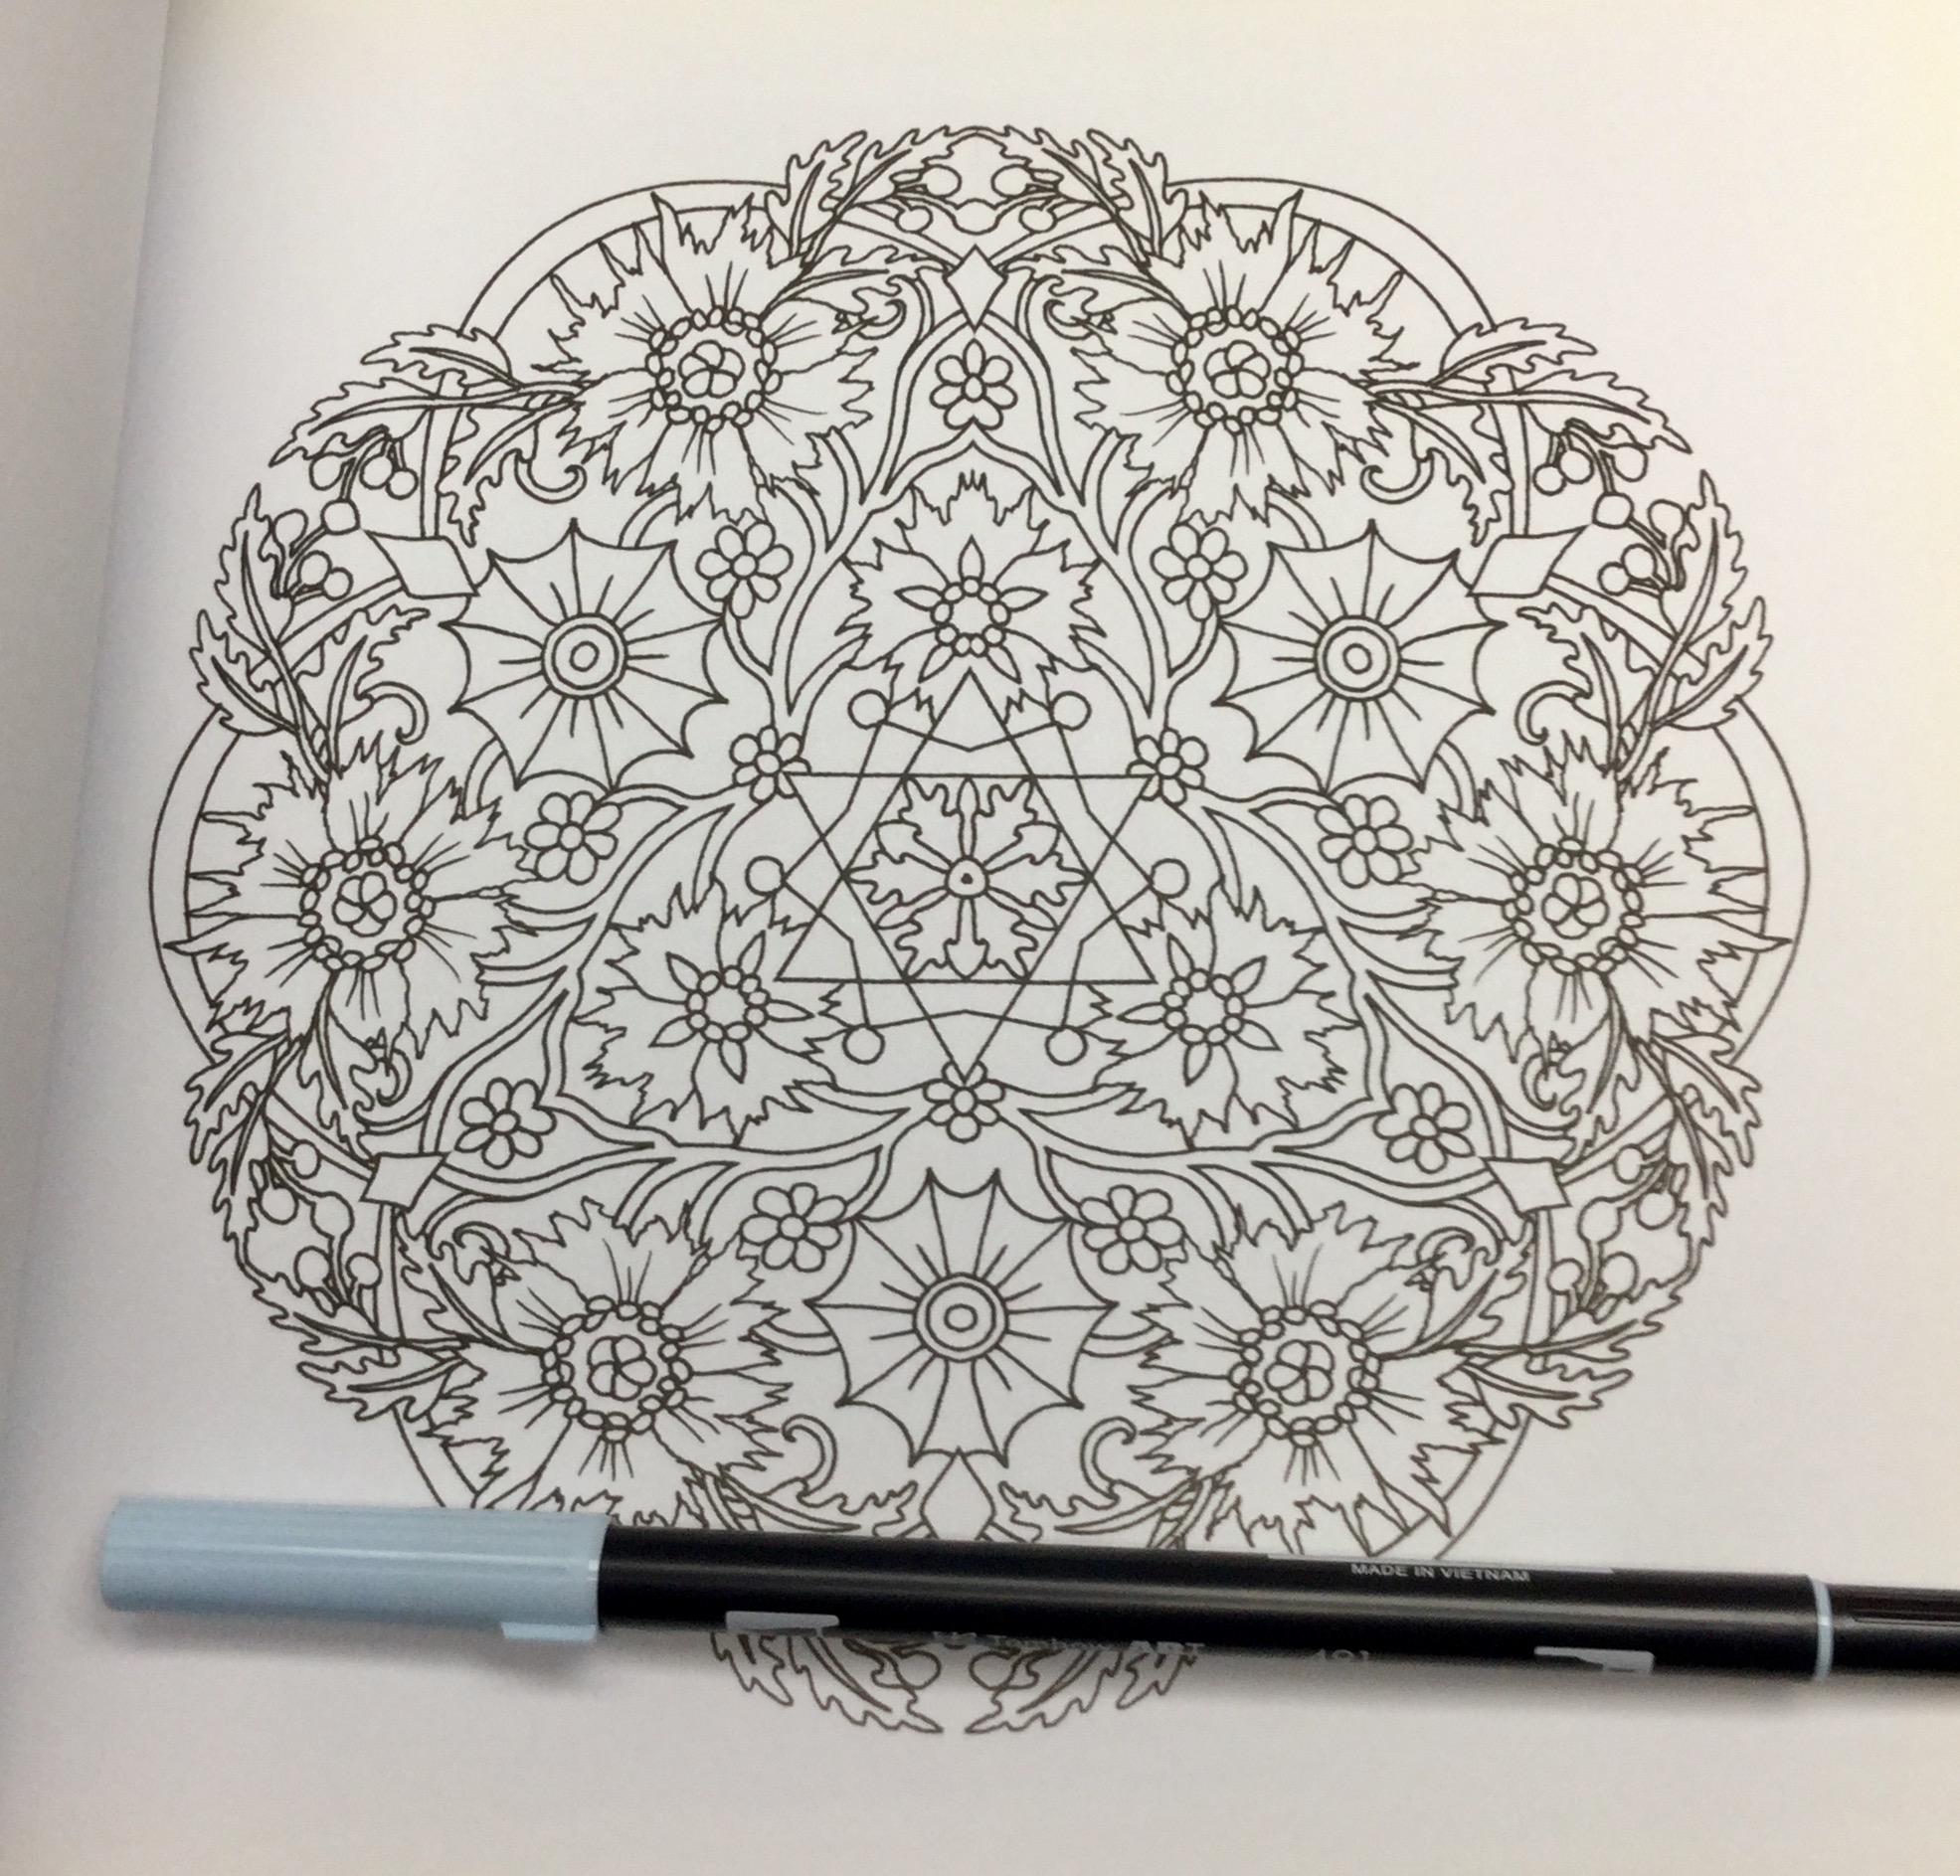 Flower Mandalas Coloring Book Review